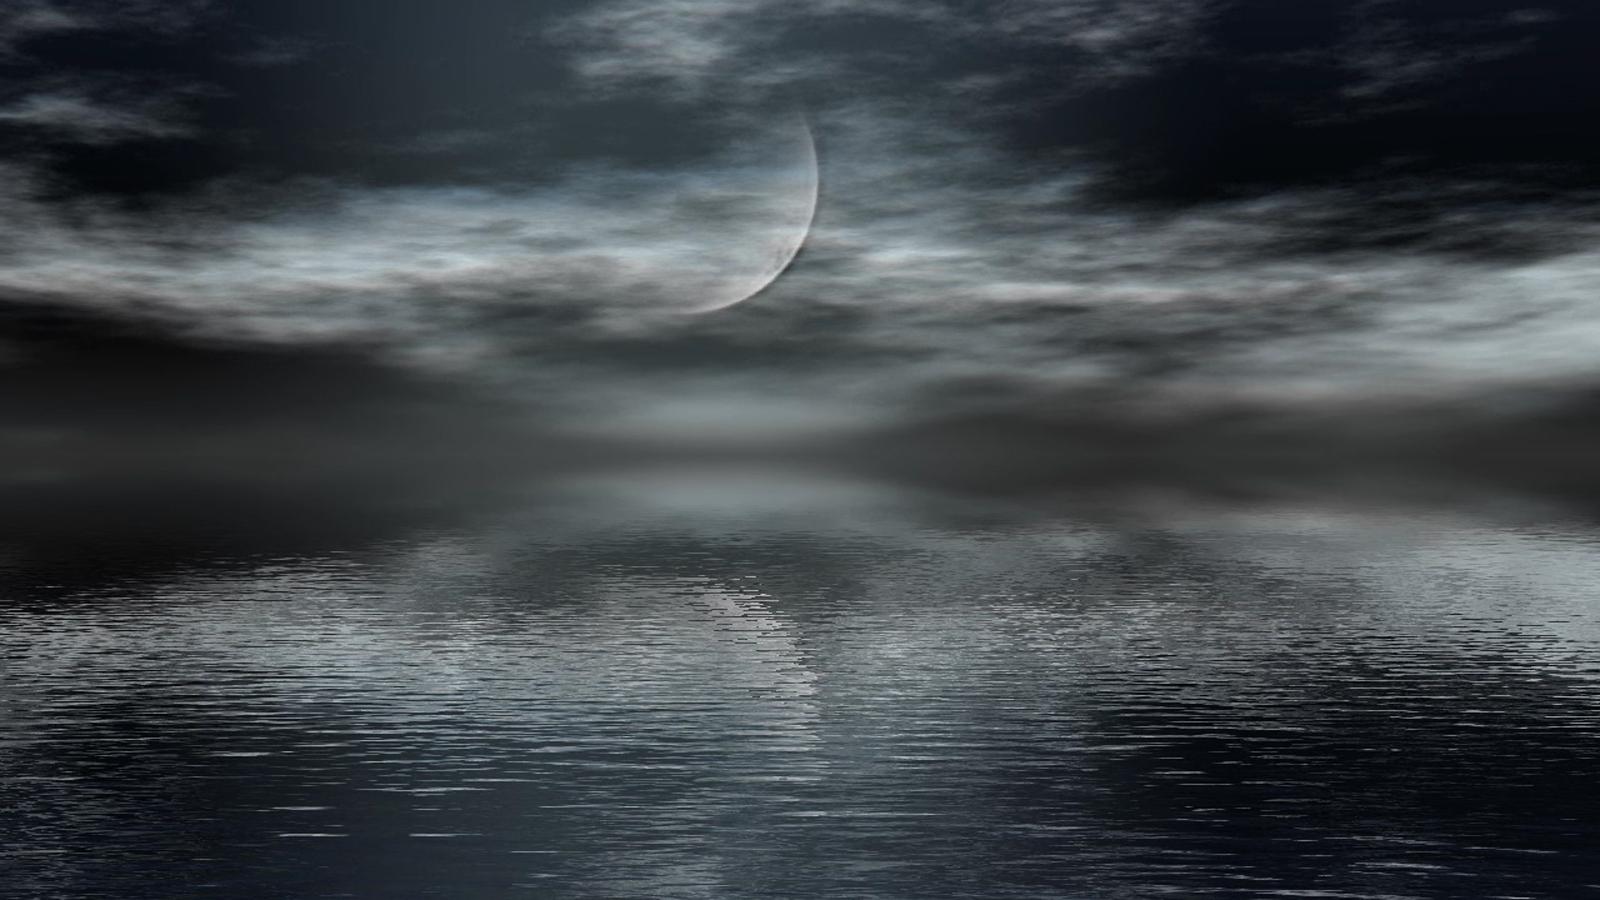 экземпляры ночь дождь луна картинки орлова сообщает